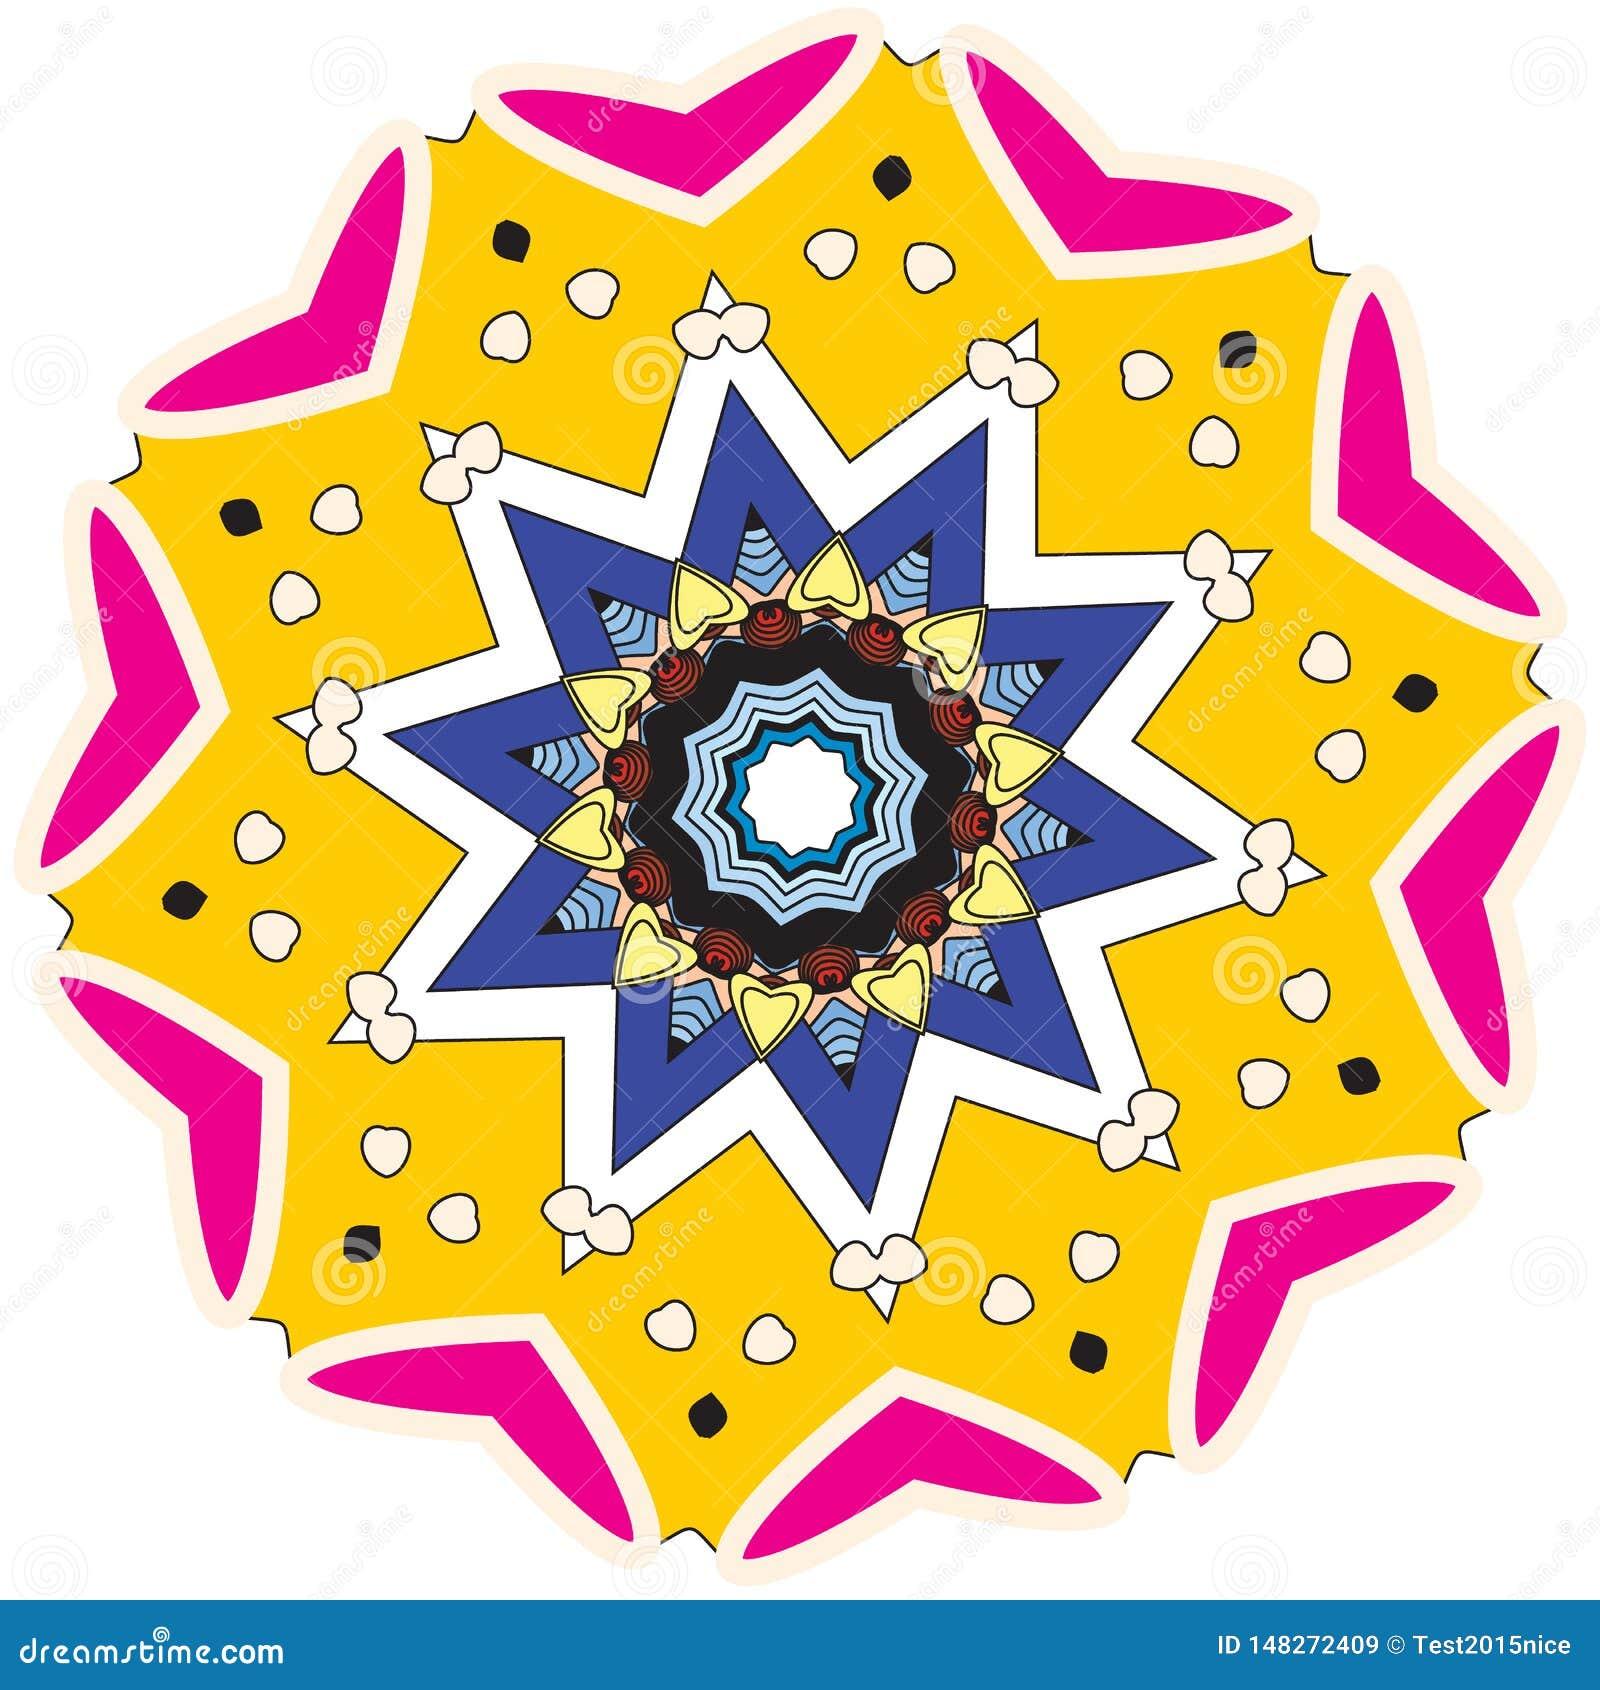 Ζωηρόχρωμα διαμορφωμένα στοιχεία και επεξηγηματικό mandala χρωματισμού